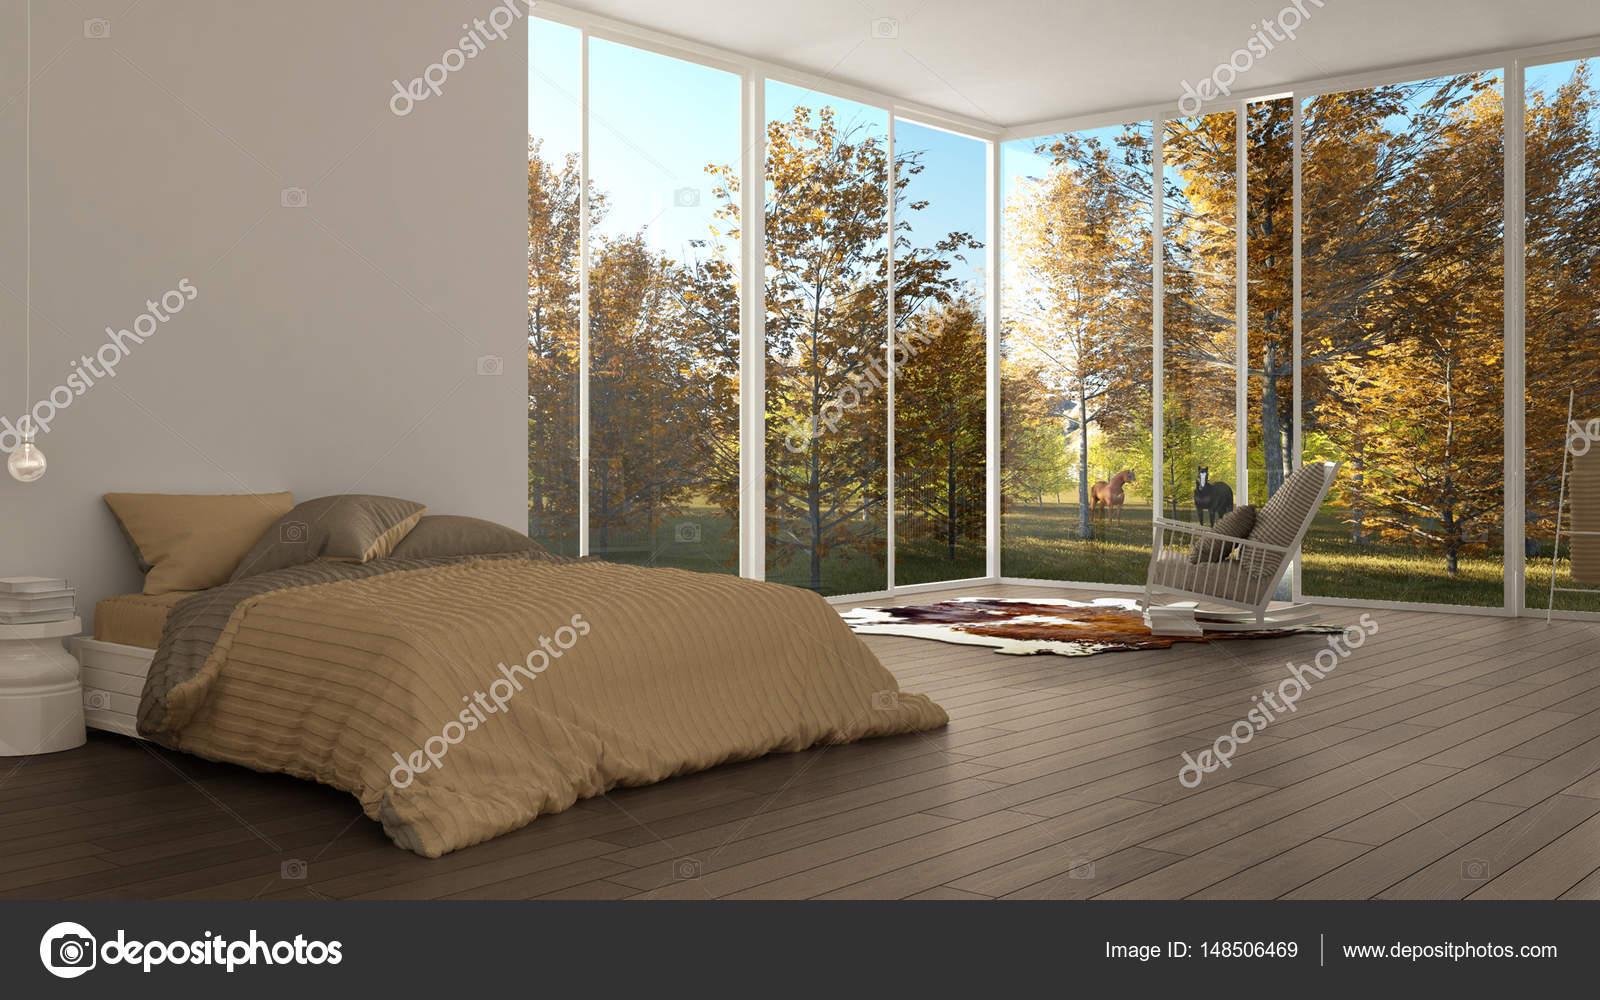 Klassieke slaapkamer minimalistische witte interieur grote ramen w